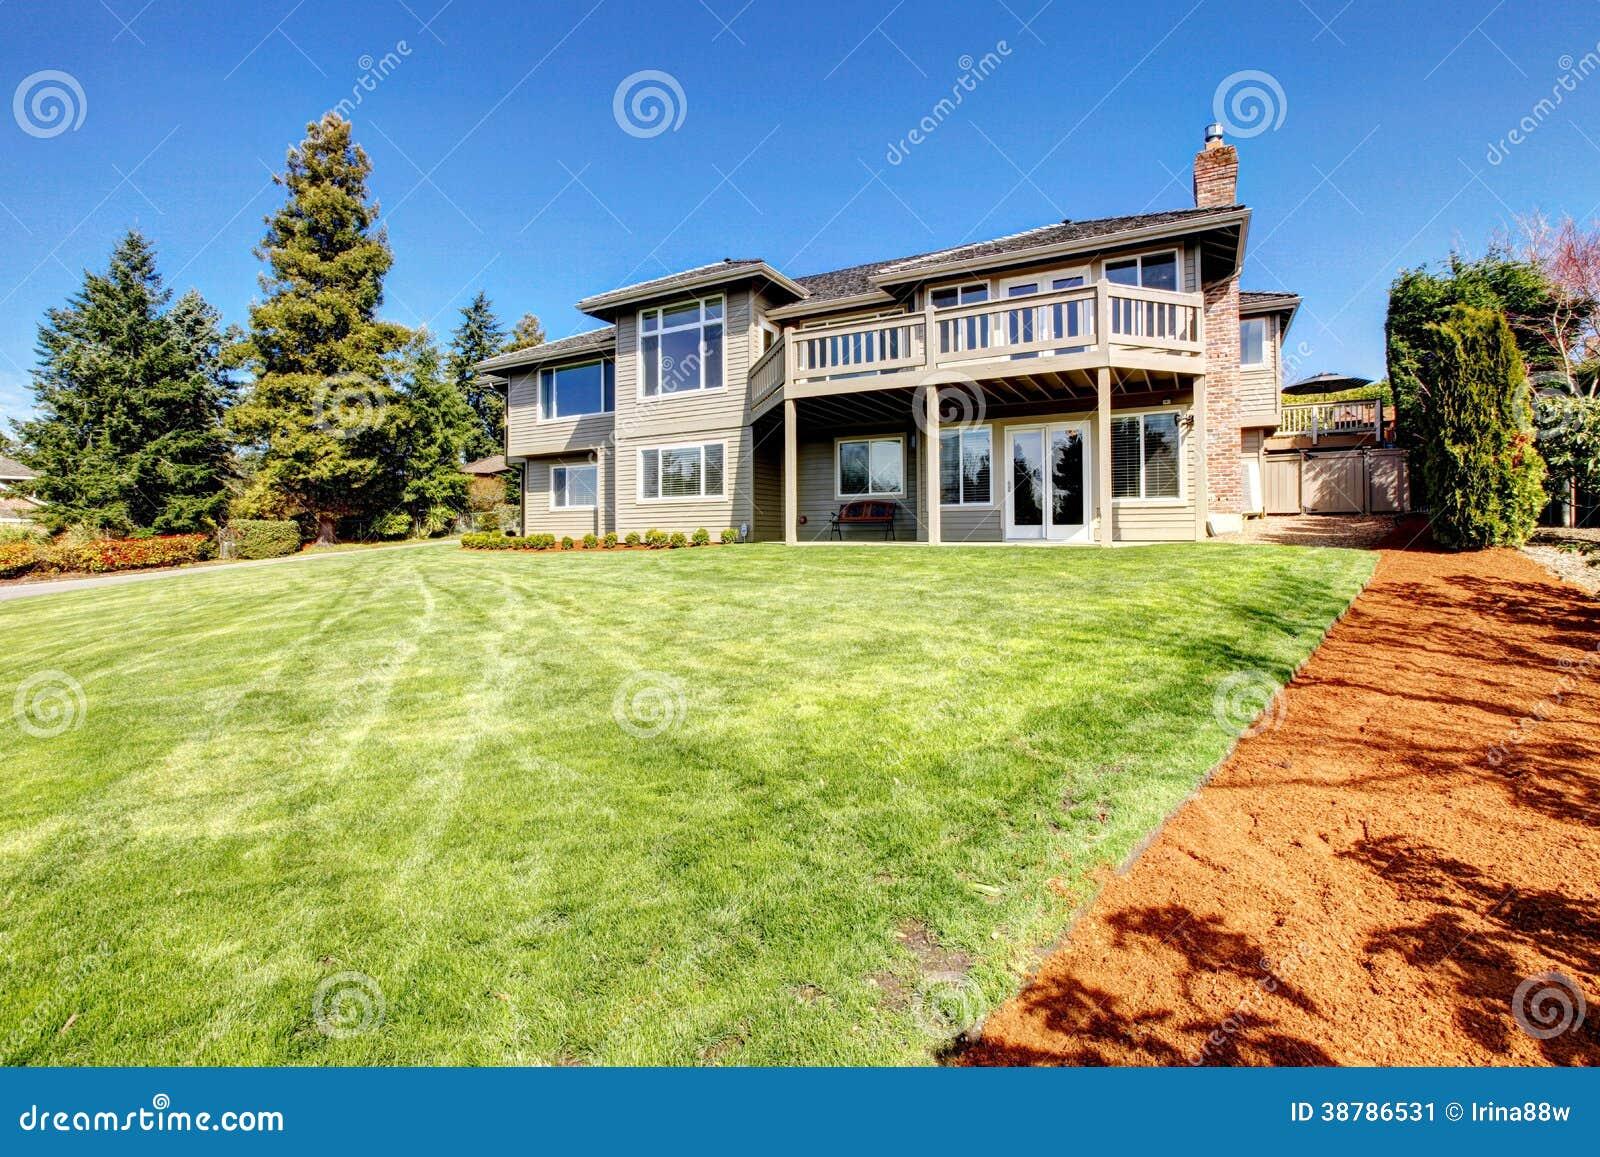 Siding house view backyard clapboard walkout deck back yard green lawn